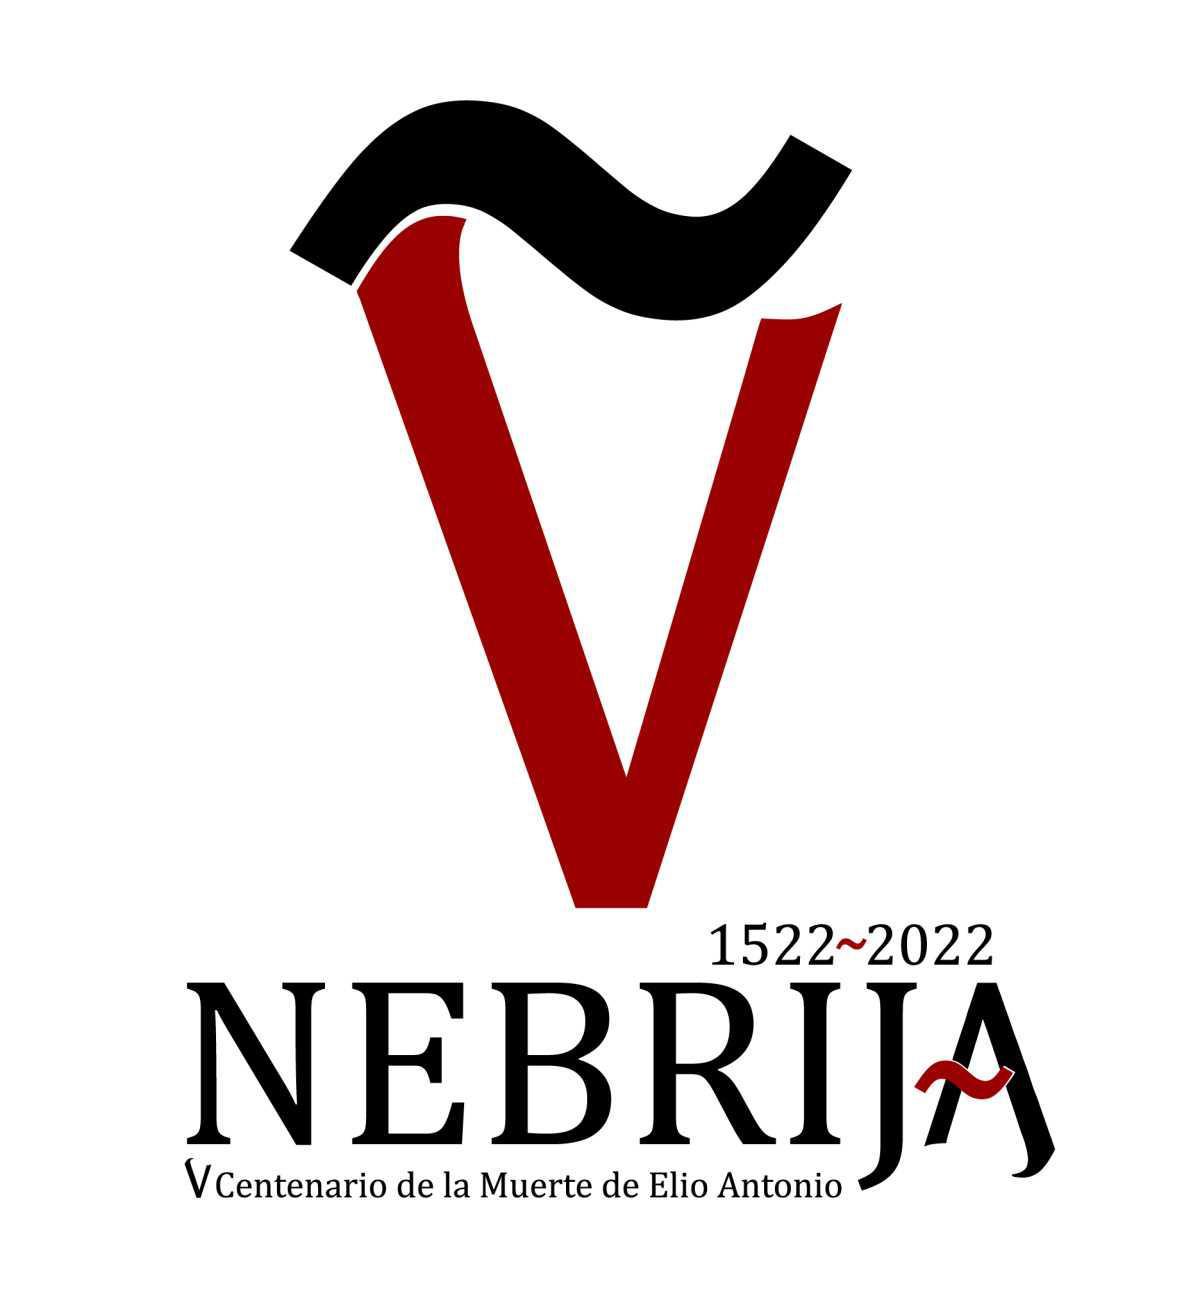 Iniciado el expediente para la aprobación del logotipo del V Centenario de la Muerte de Nebrija